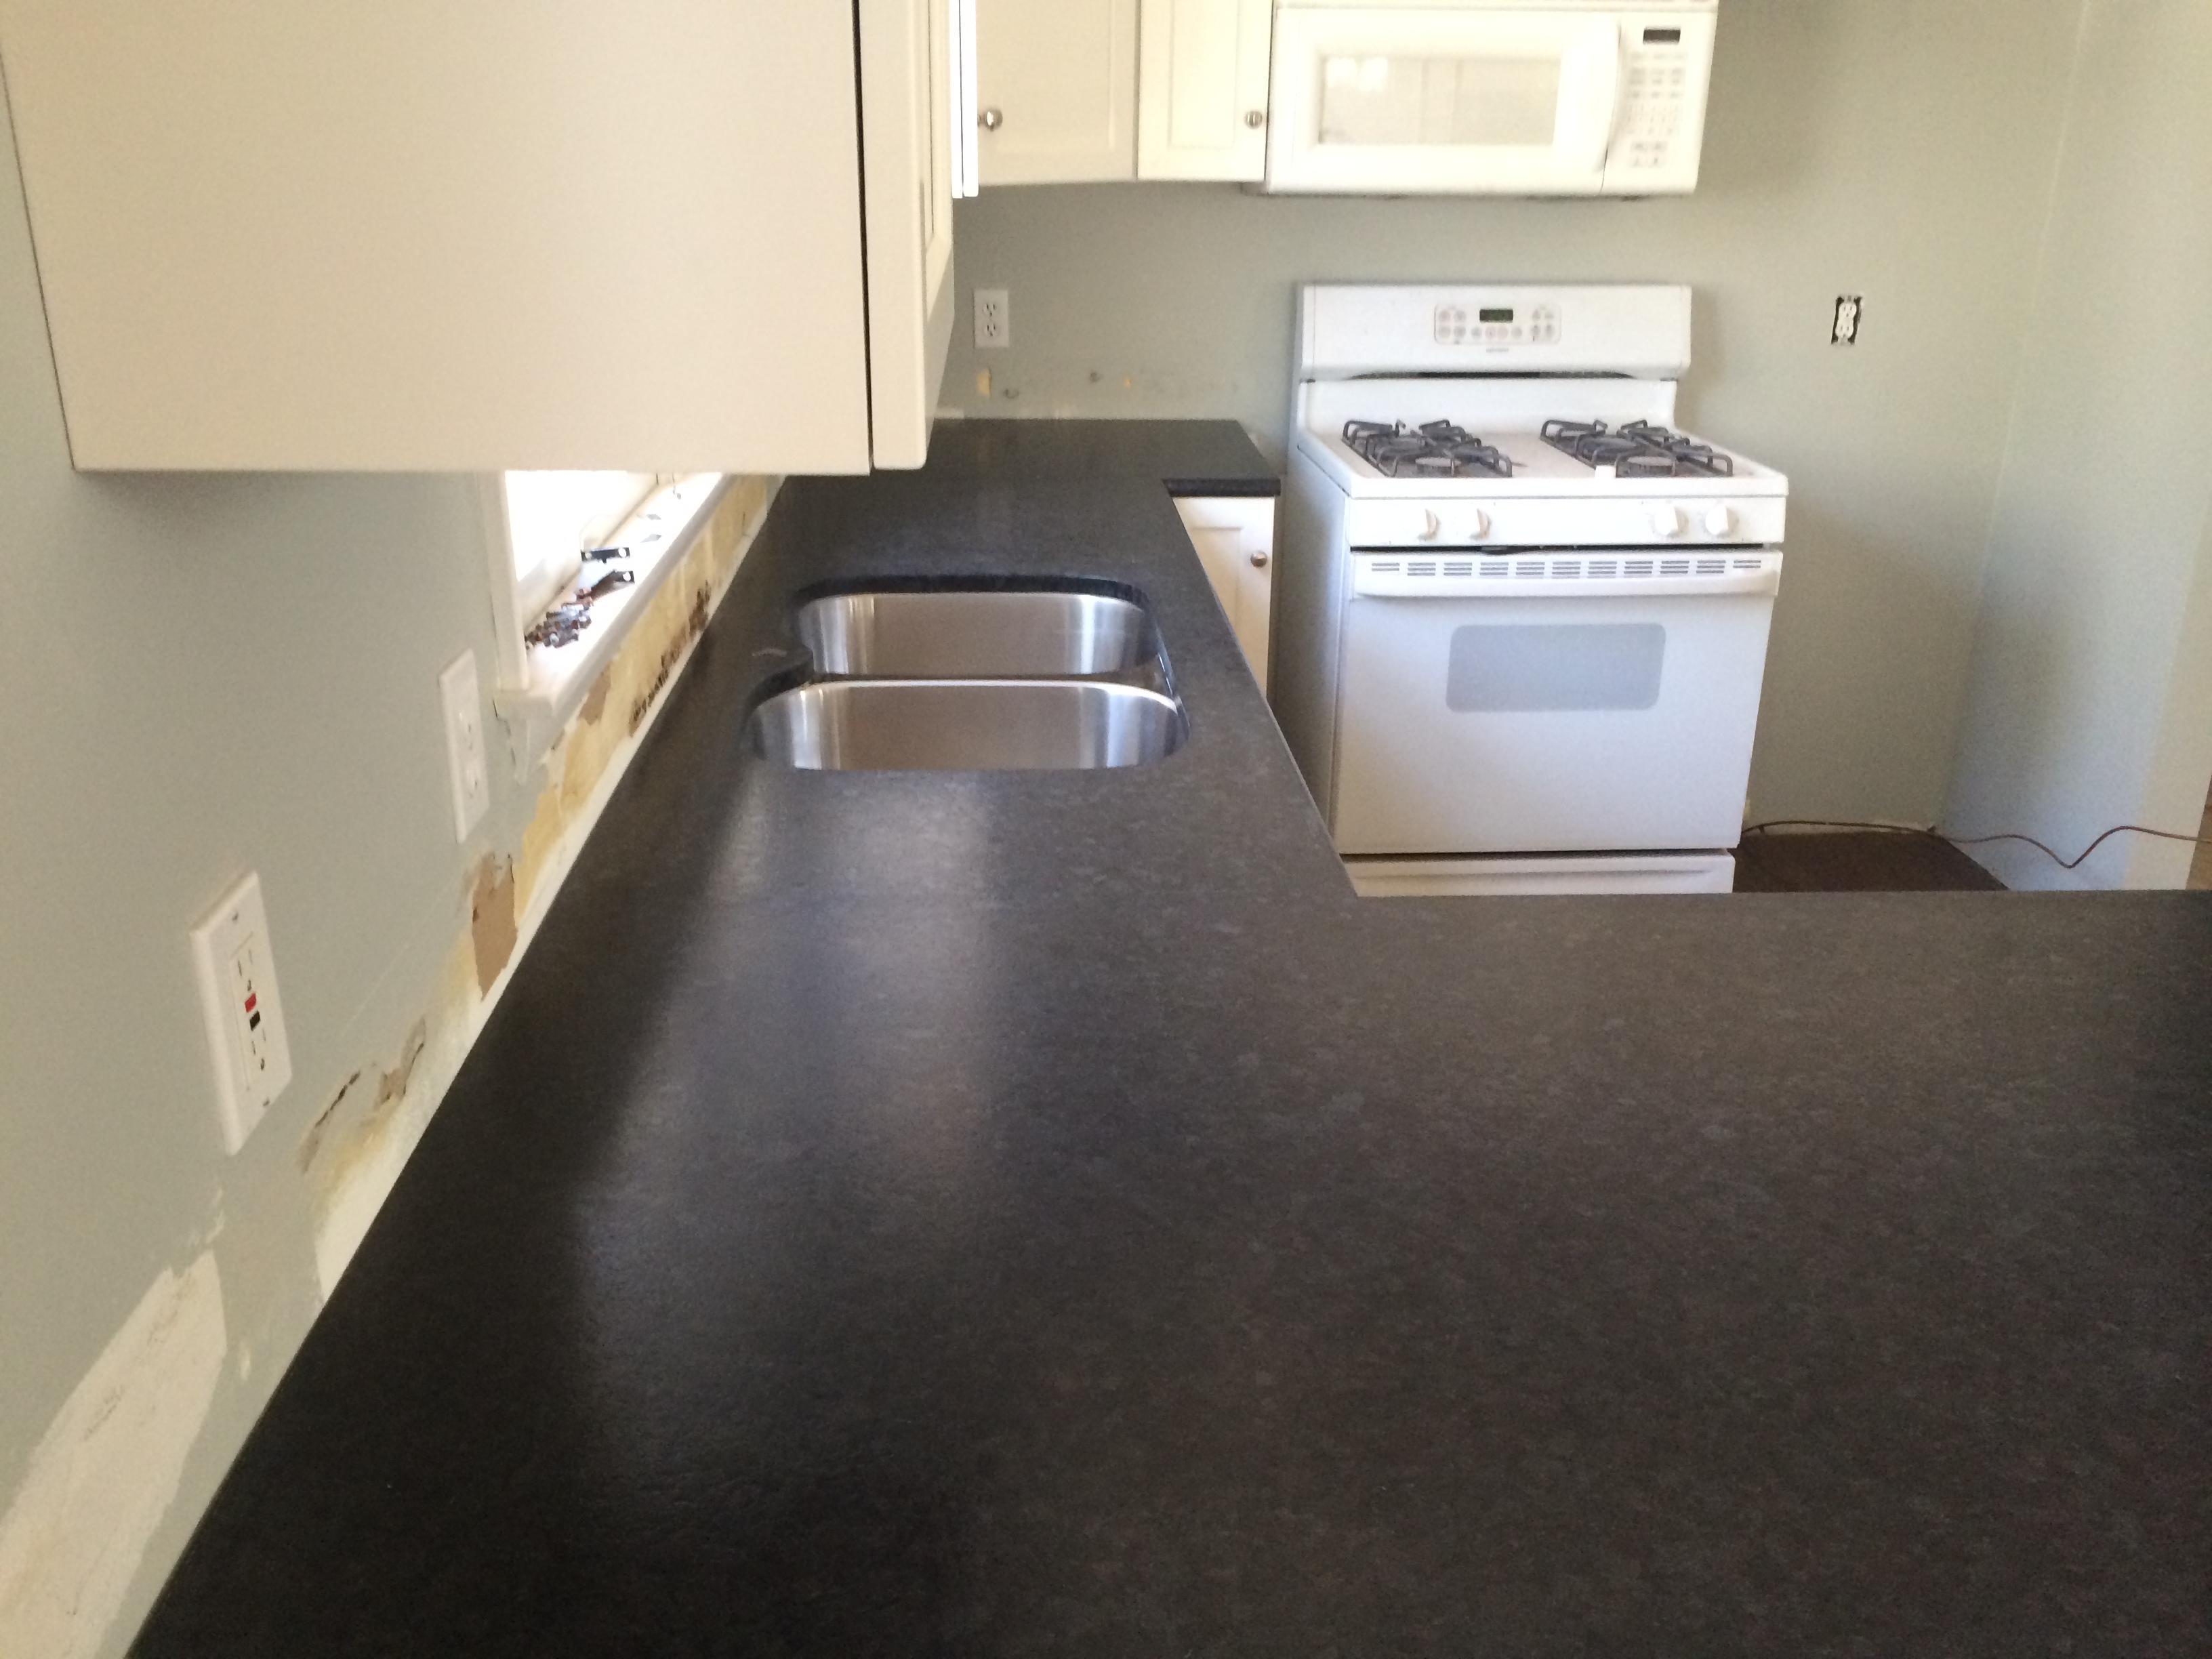 Catskill Granite Countertops - ad image